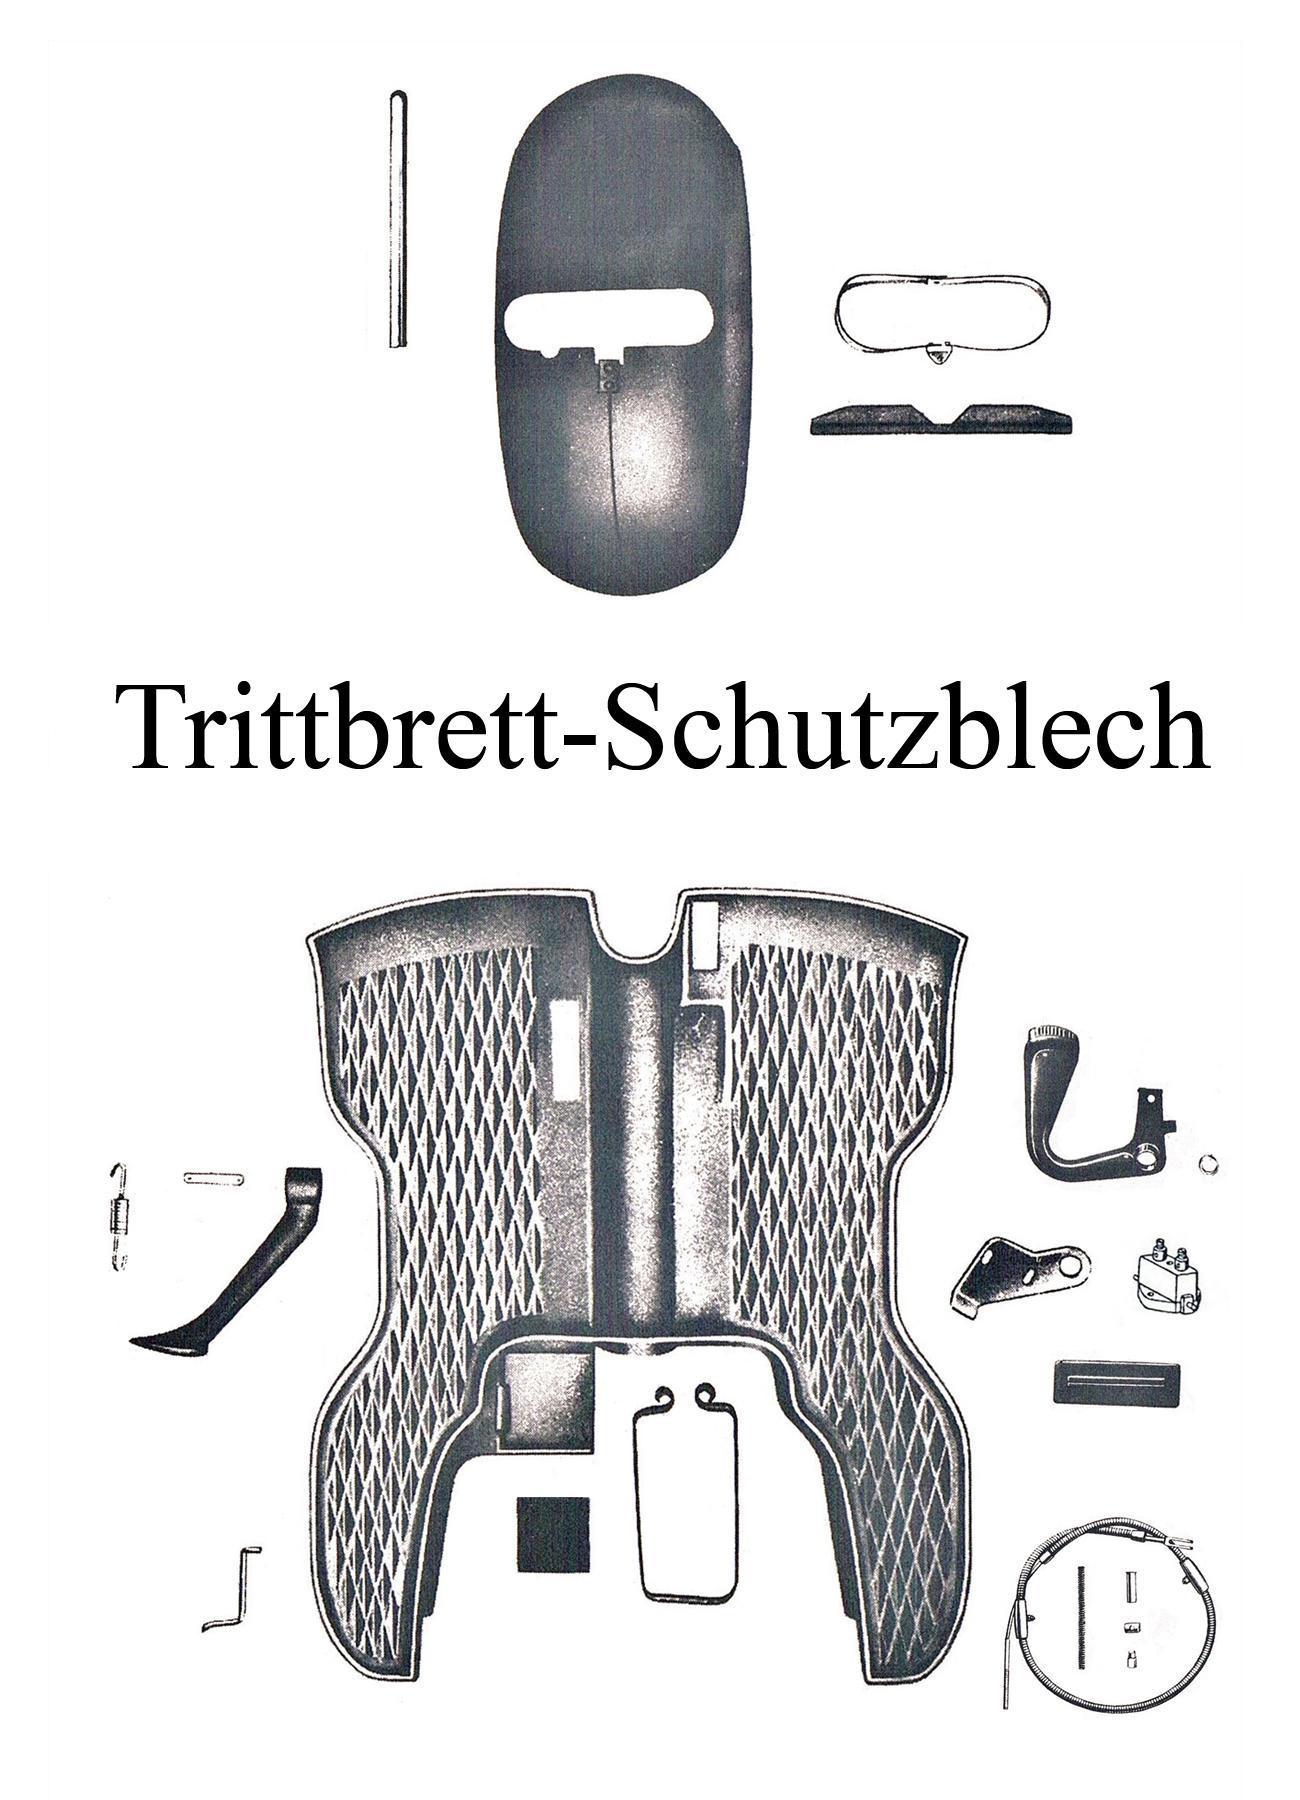 DDR-Motorrad IWL Berliner Roller SR 59 Ersatzteileliste Trittbrett Seitenstütze Ständerfeder Schutzblech Kedergummi Buchse Büchse